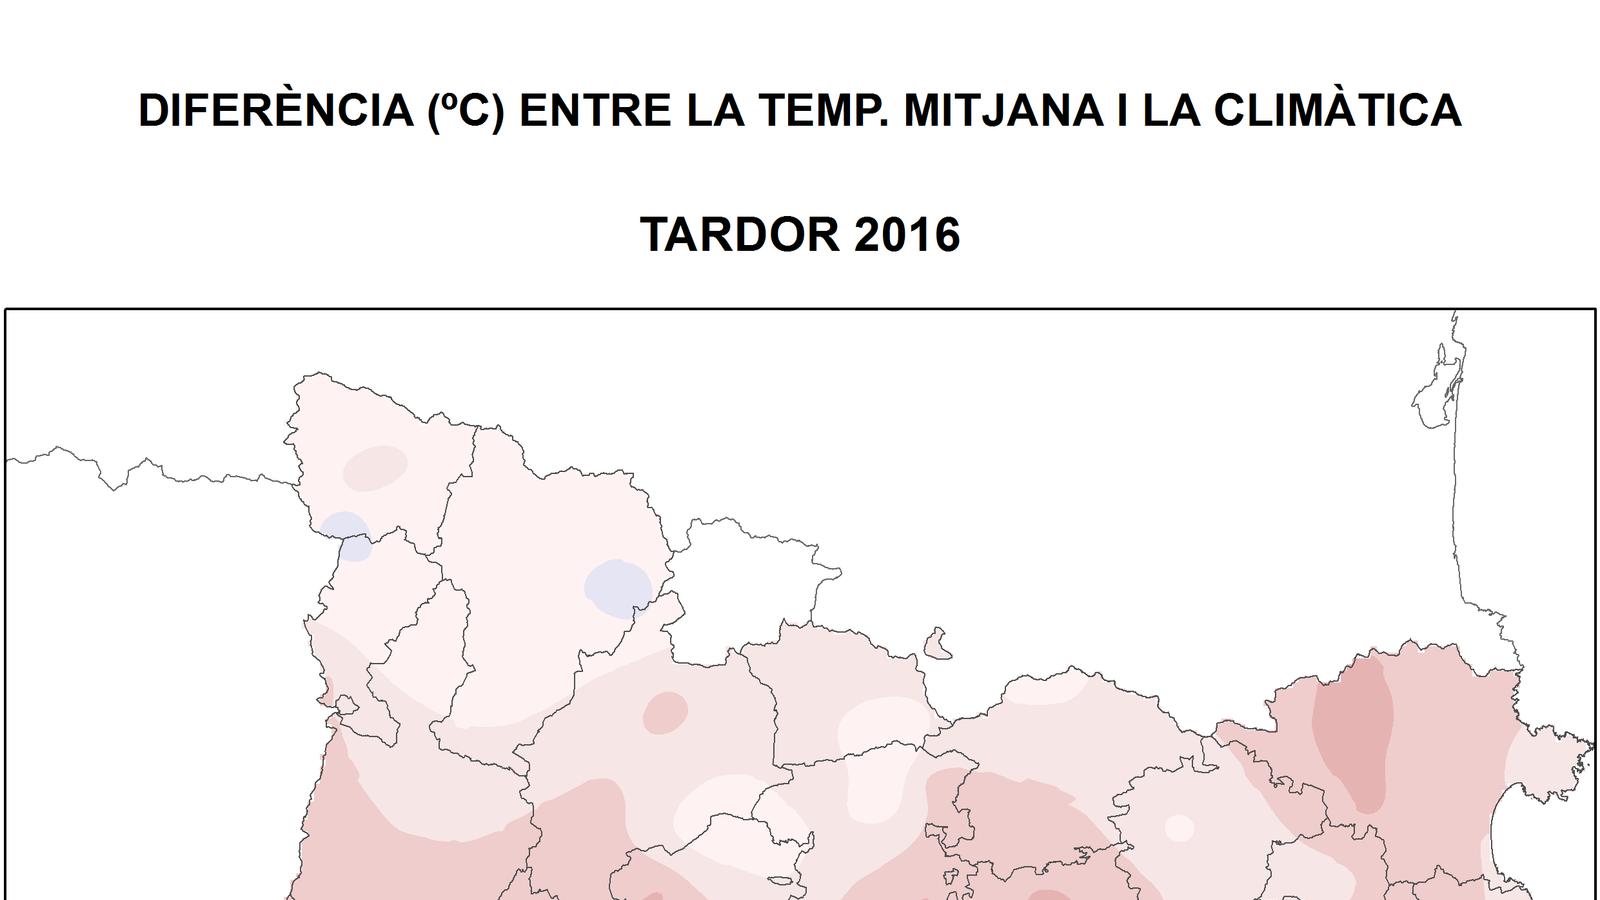 La tardor ha estat càlida i irregular en les precipitacions a Catalunya